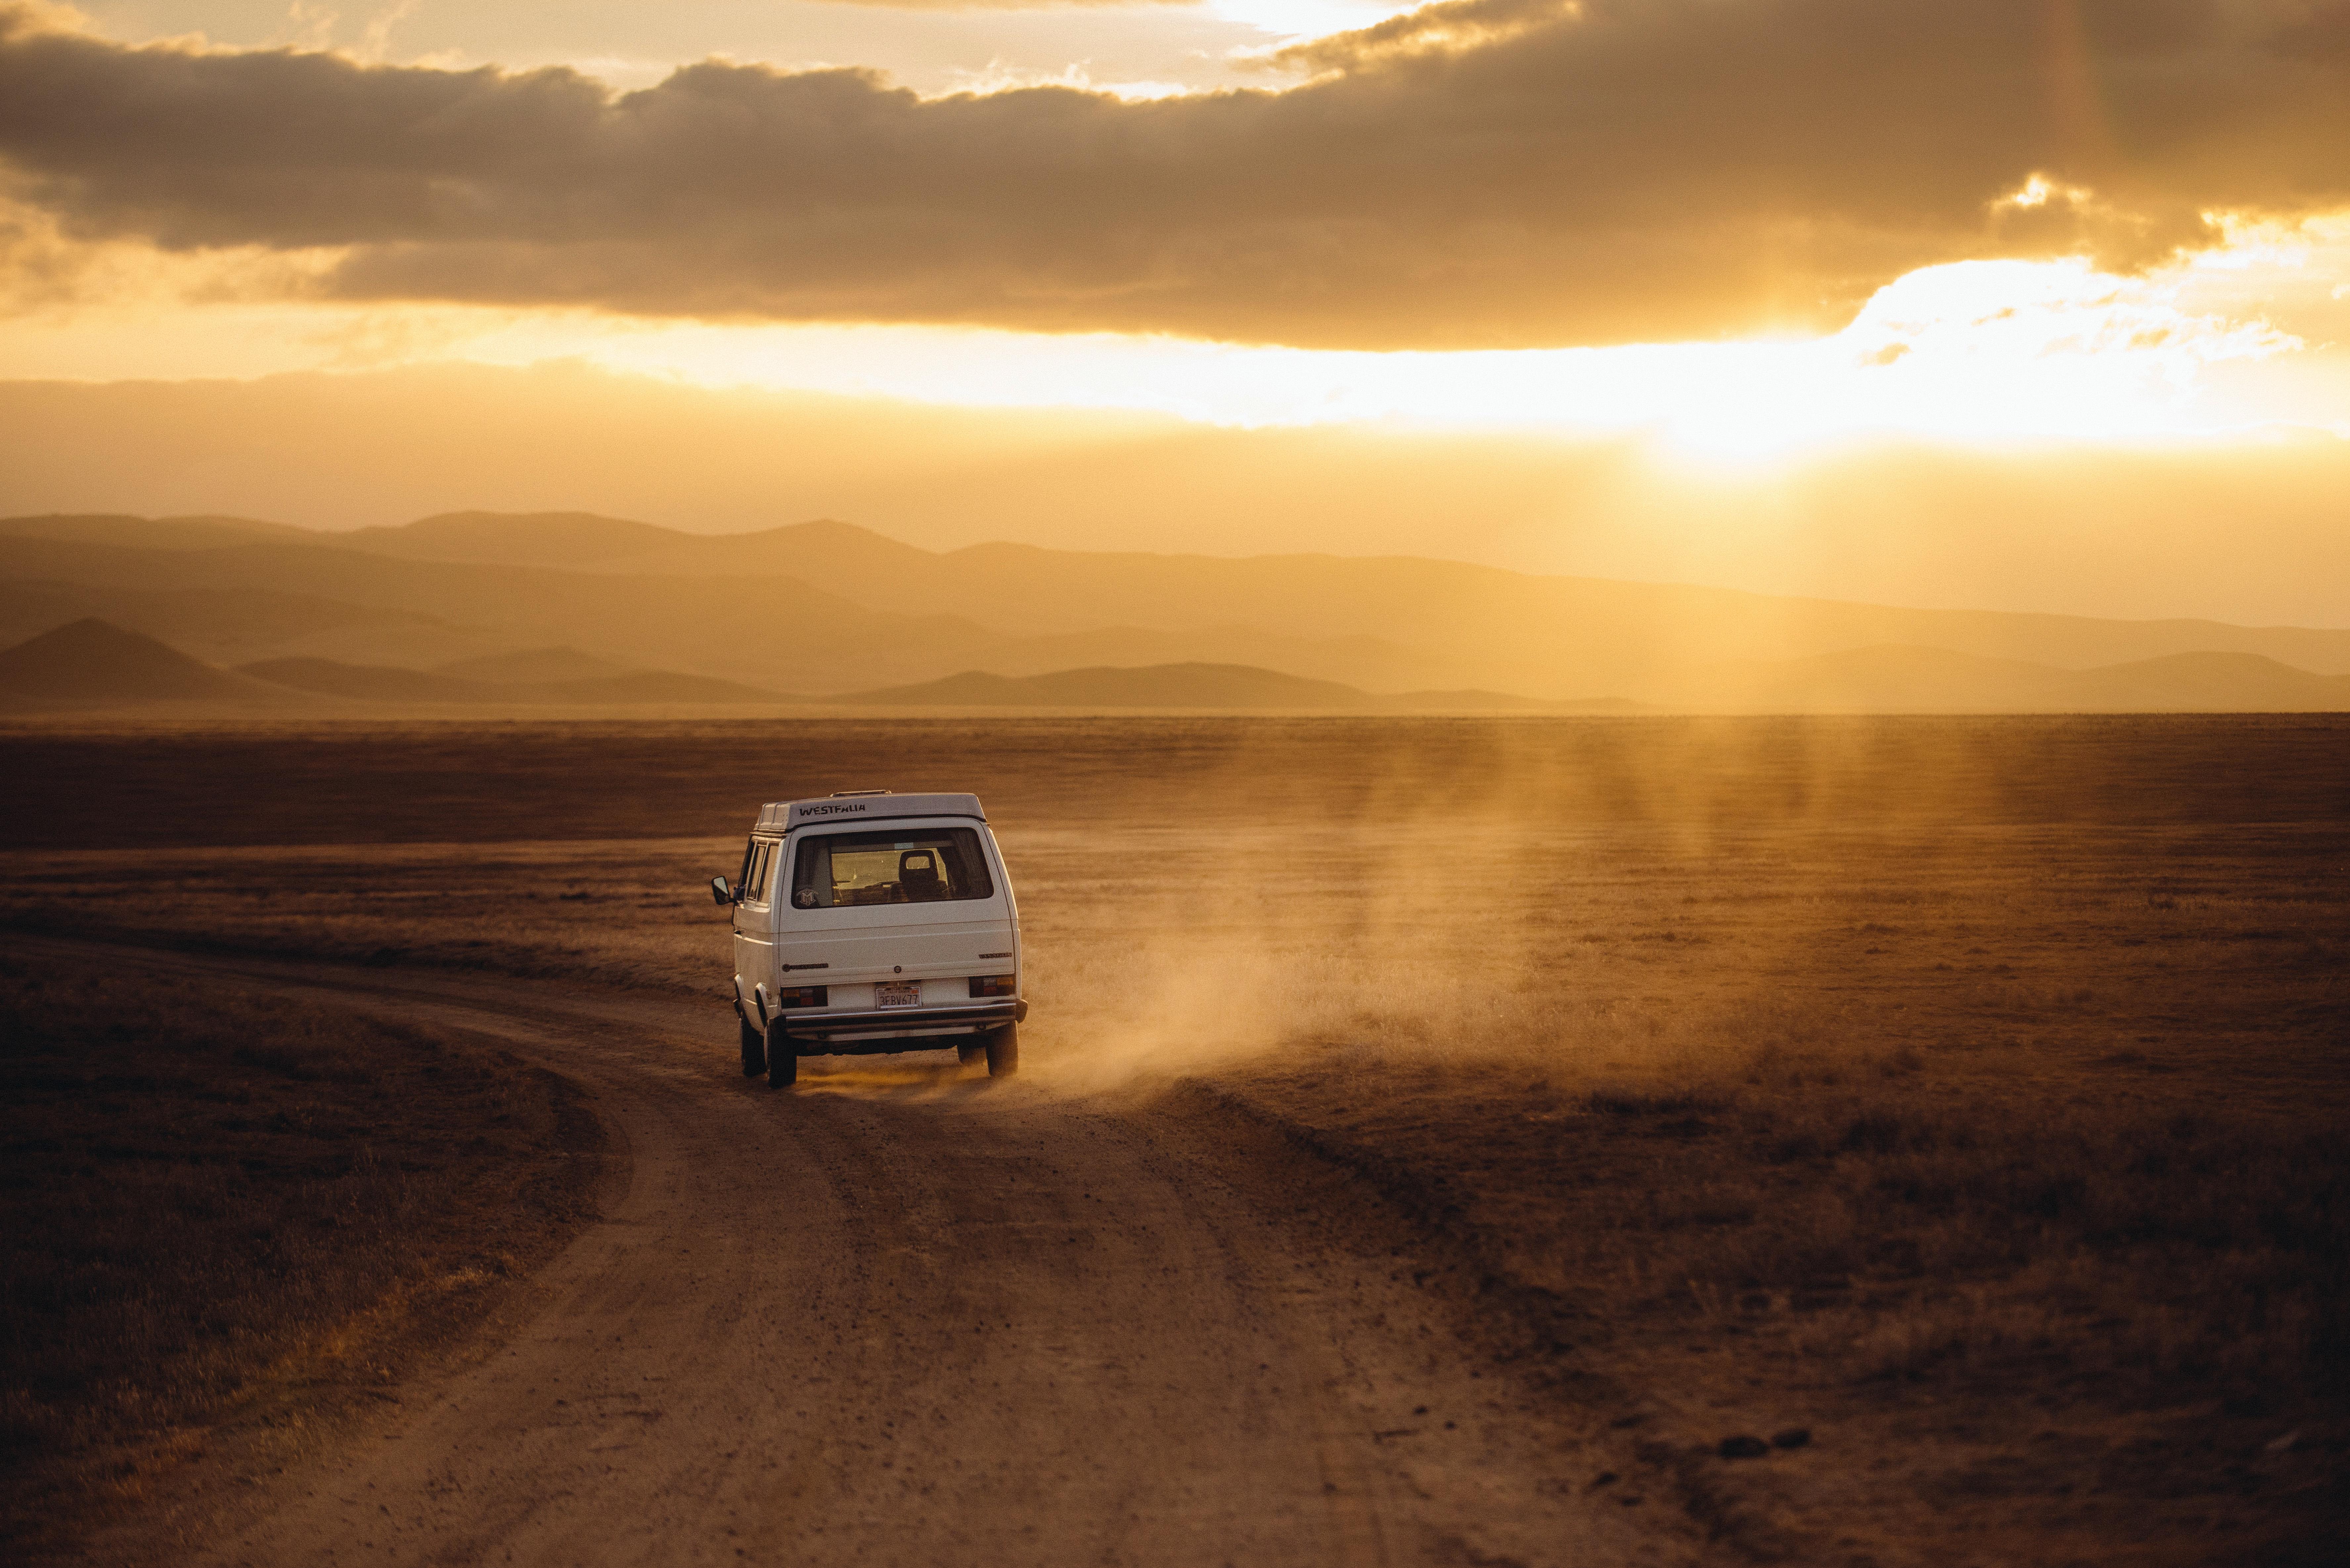 van-on-road